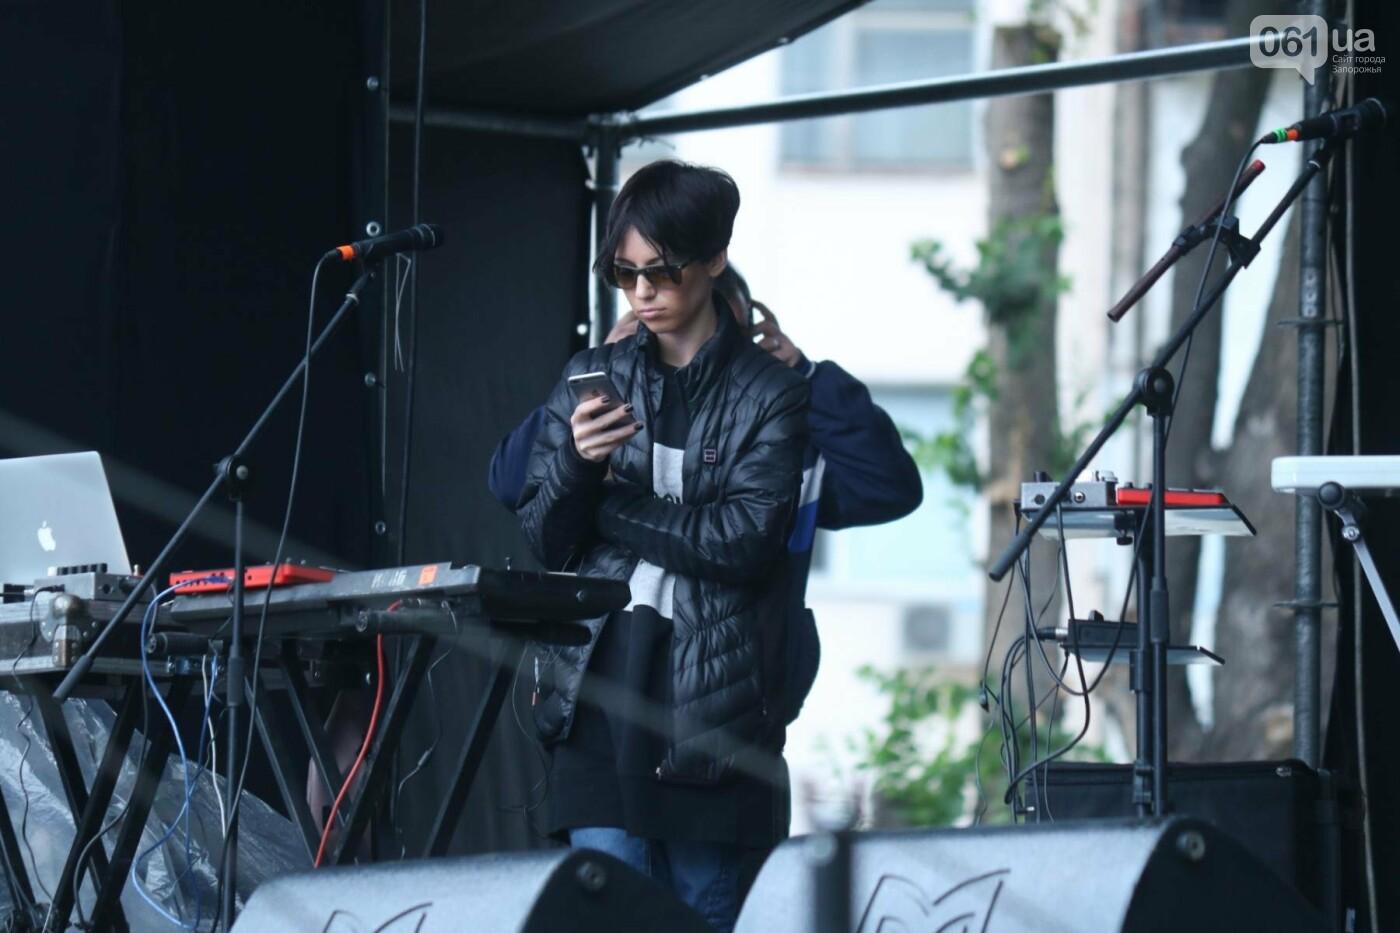 В парке Трудовой славы Onuka провела саундчек перед вечерним концертом, - ФОТО , фото-8